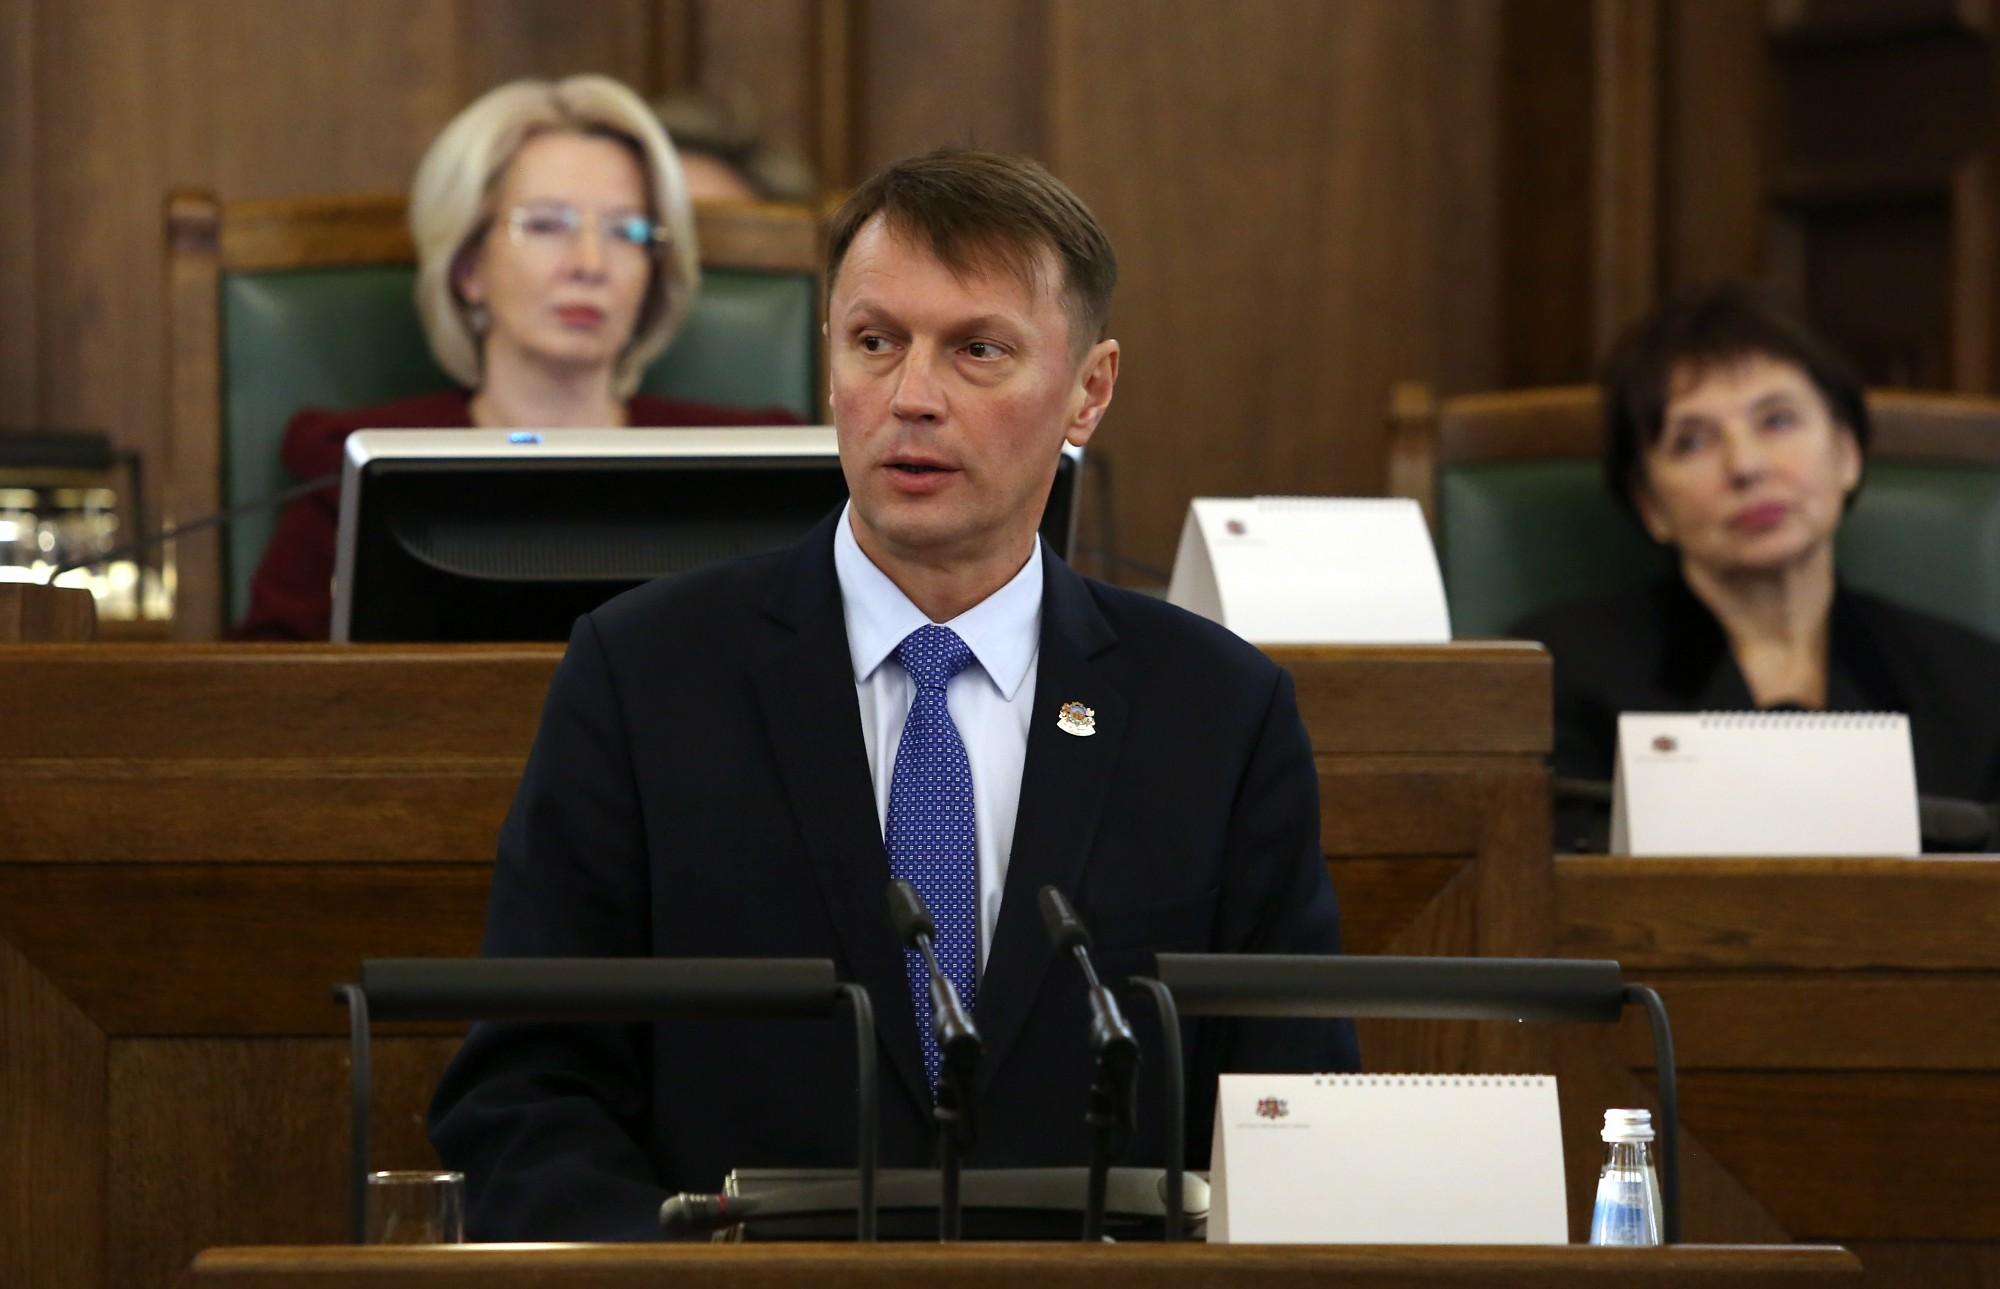 Valdība noraida visus opozīcijas iesniegtos priekšlikumus 2020.gada budžeta projektam